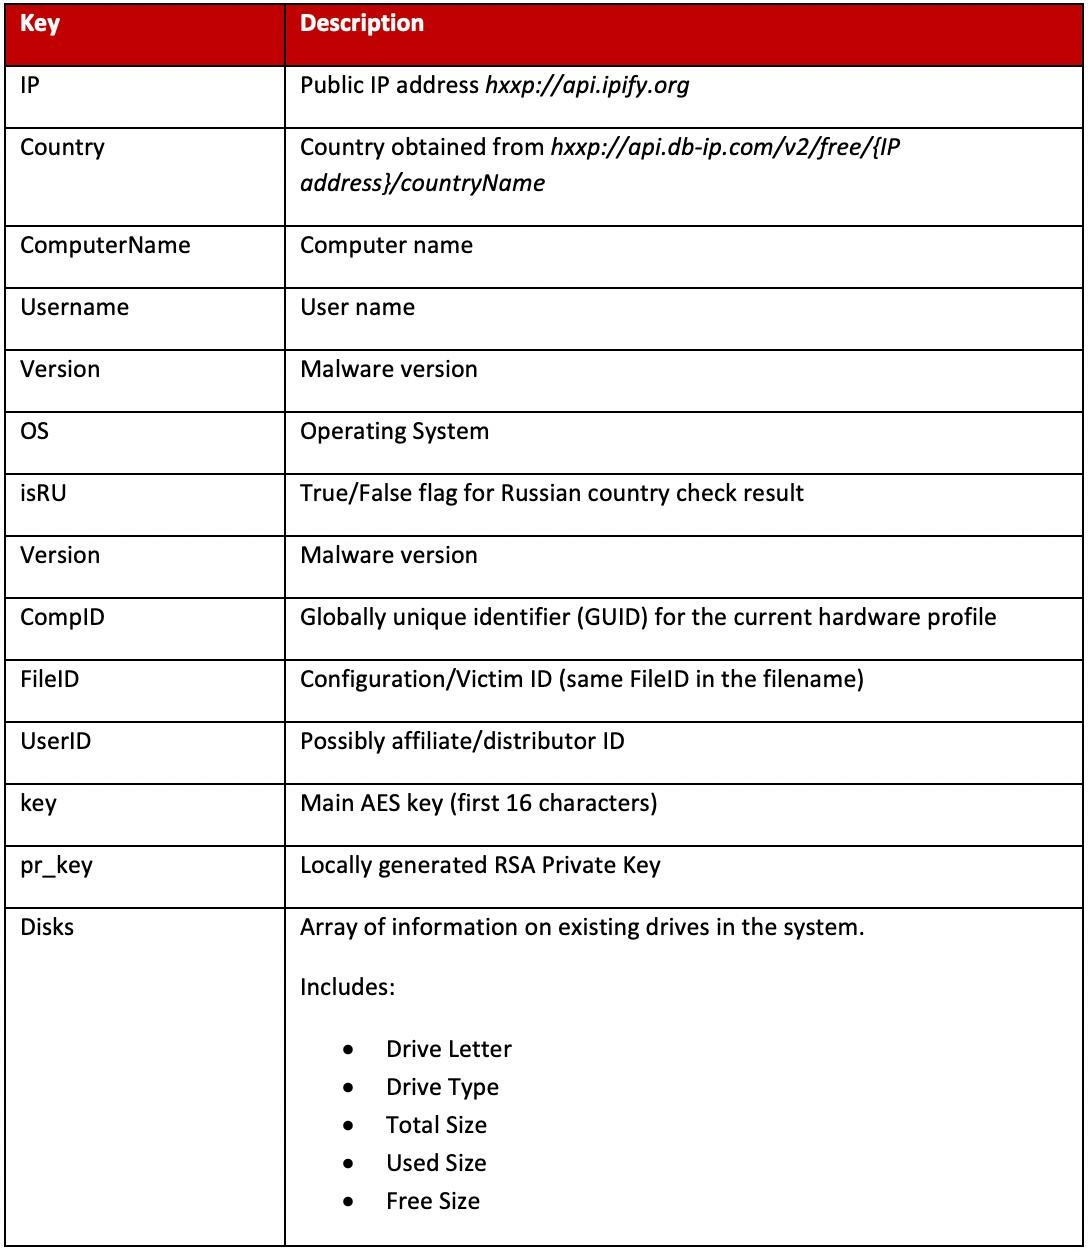 Figure 13. Configuration file information descriptions